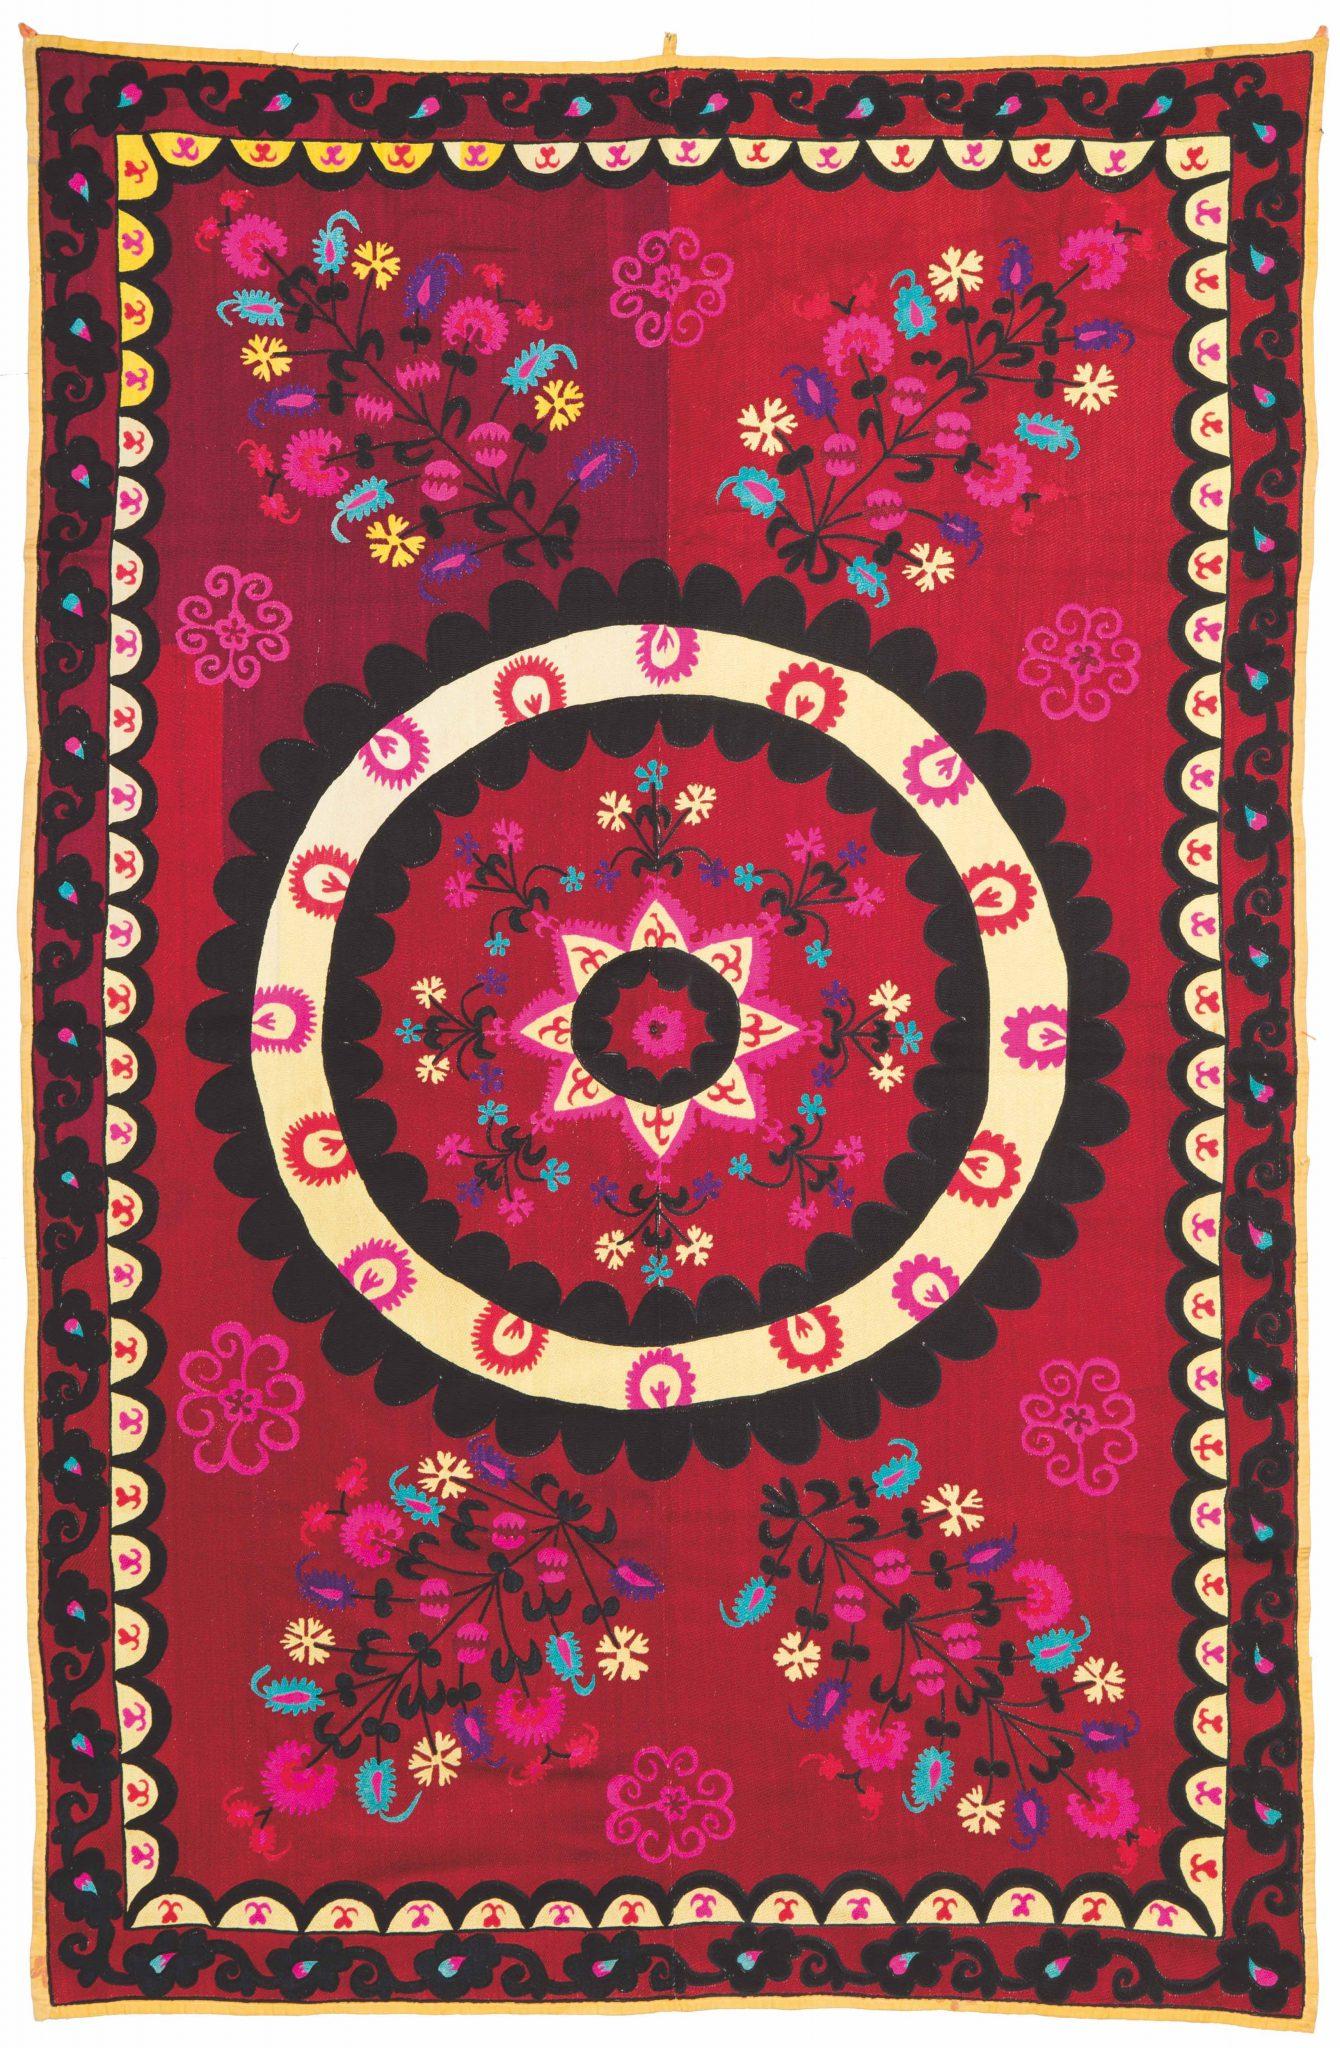 Tappeti e tessuti antichi. Il giro del mondo nel catalogo Wannenes